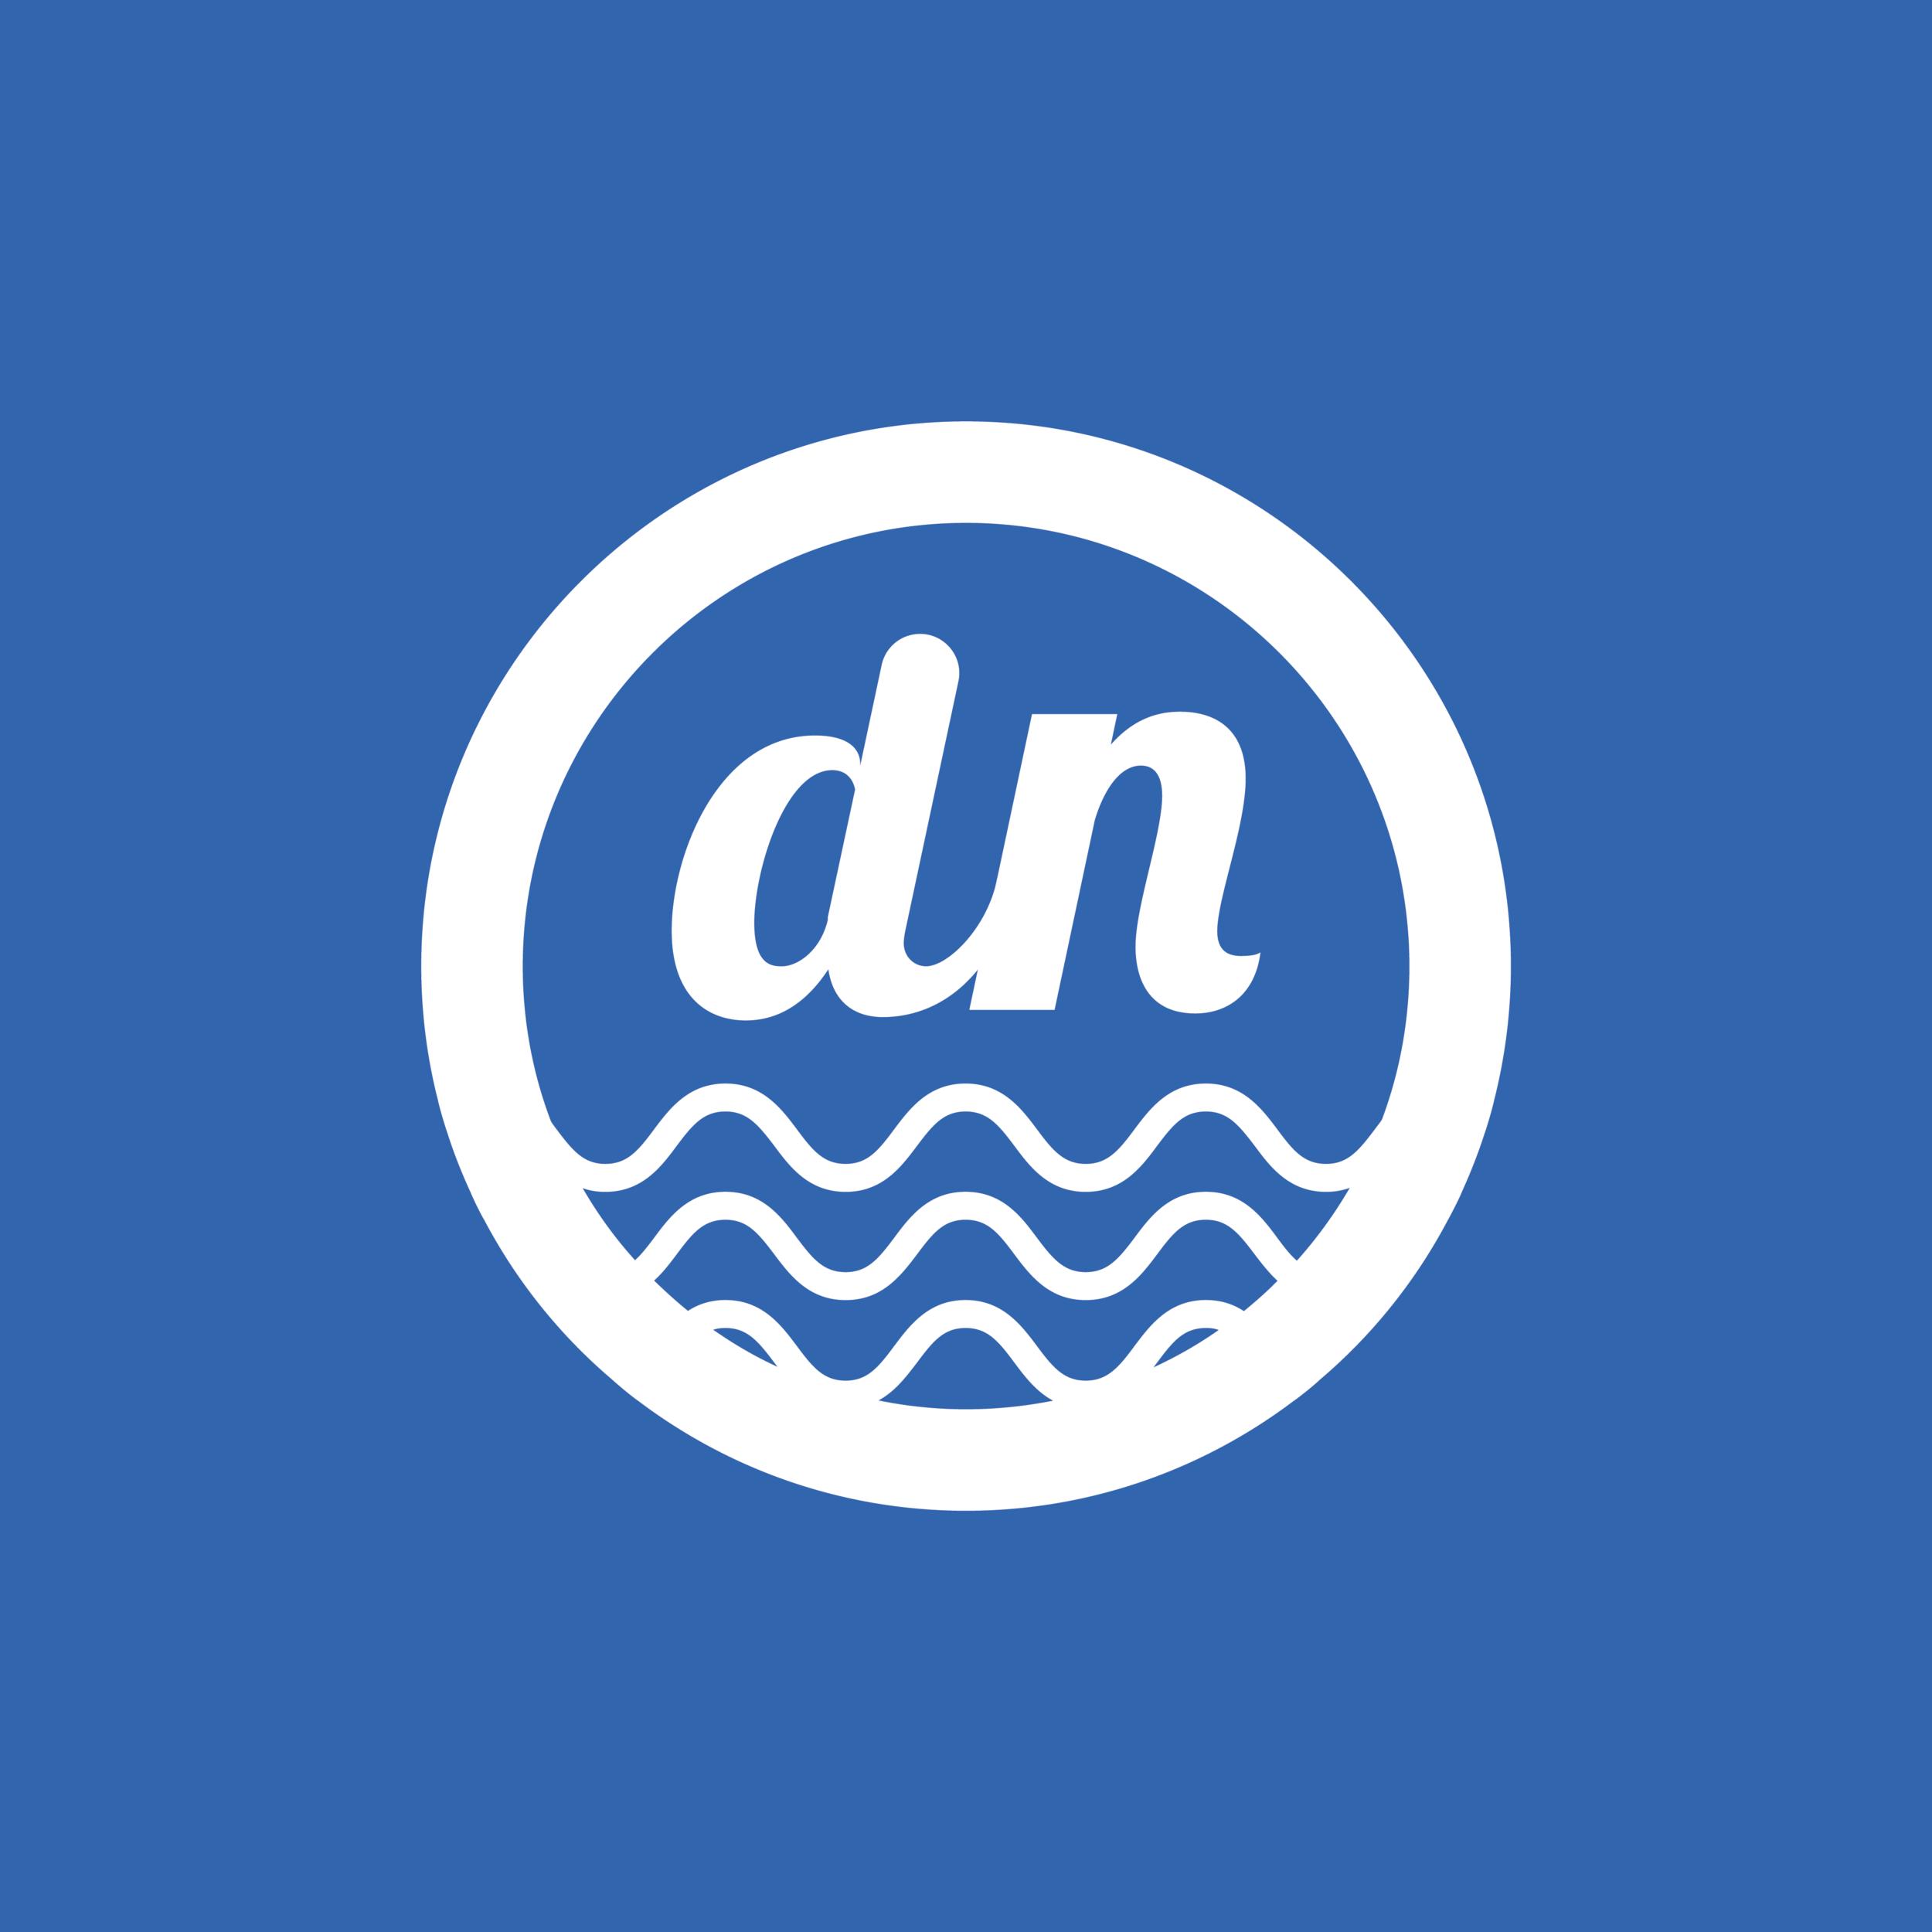 Doodle Noodles Branding Logo Design